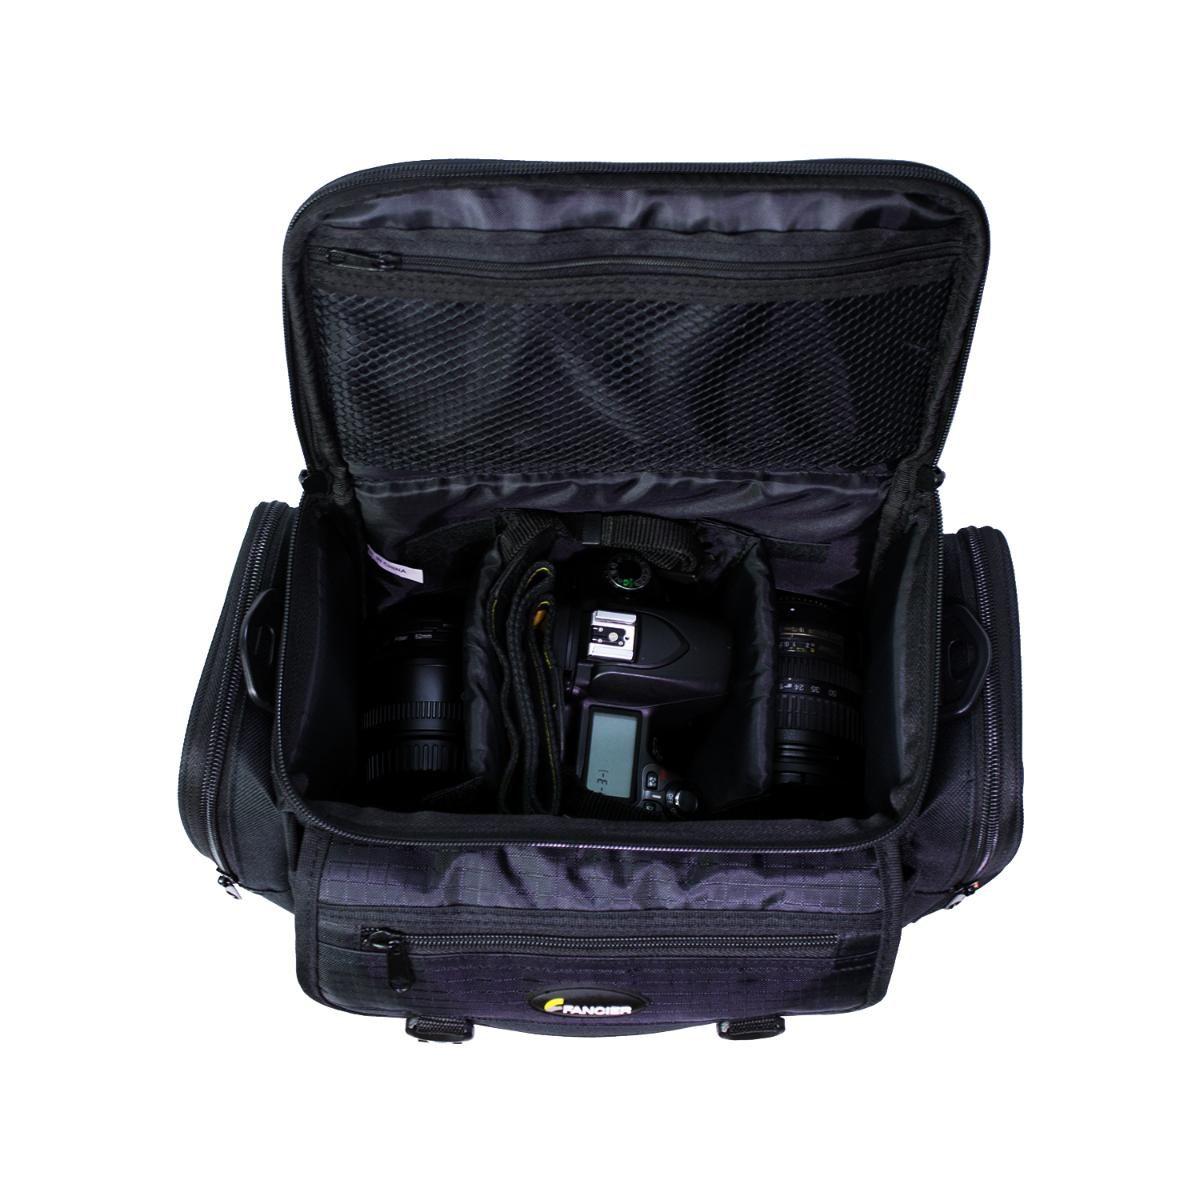 Bolsa Fancier WB-3427 para Câmeras e Acessórios Fotográficos  - Fotolux